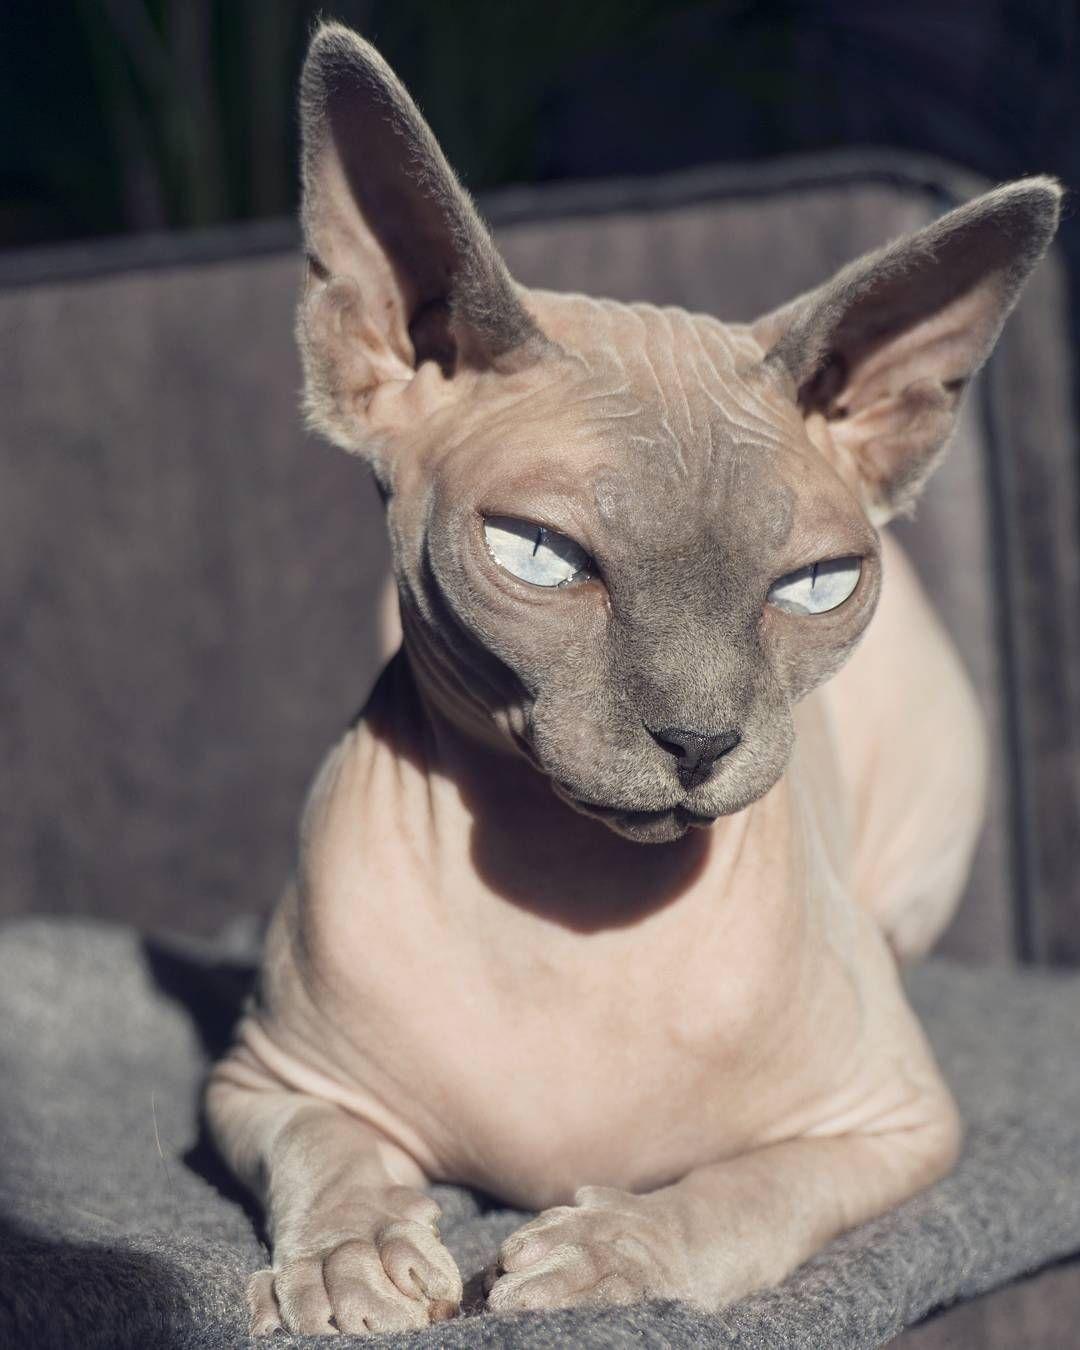 219 Vind Ik Leuks 10 Reacties Odessa Amp Azizi Sphynx Cats Odessaandazizi Op Instagram 39 Sunbaething Hairless Cat Sphynx Sphynx Cat Hairless Cat